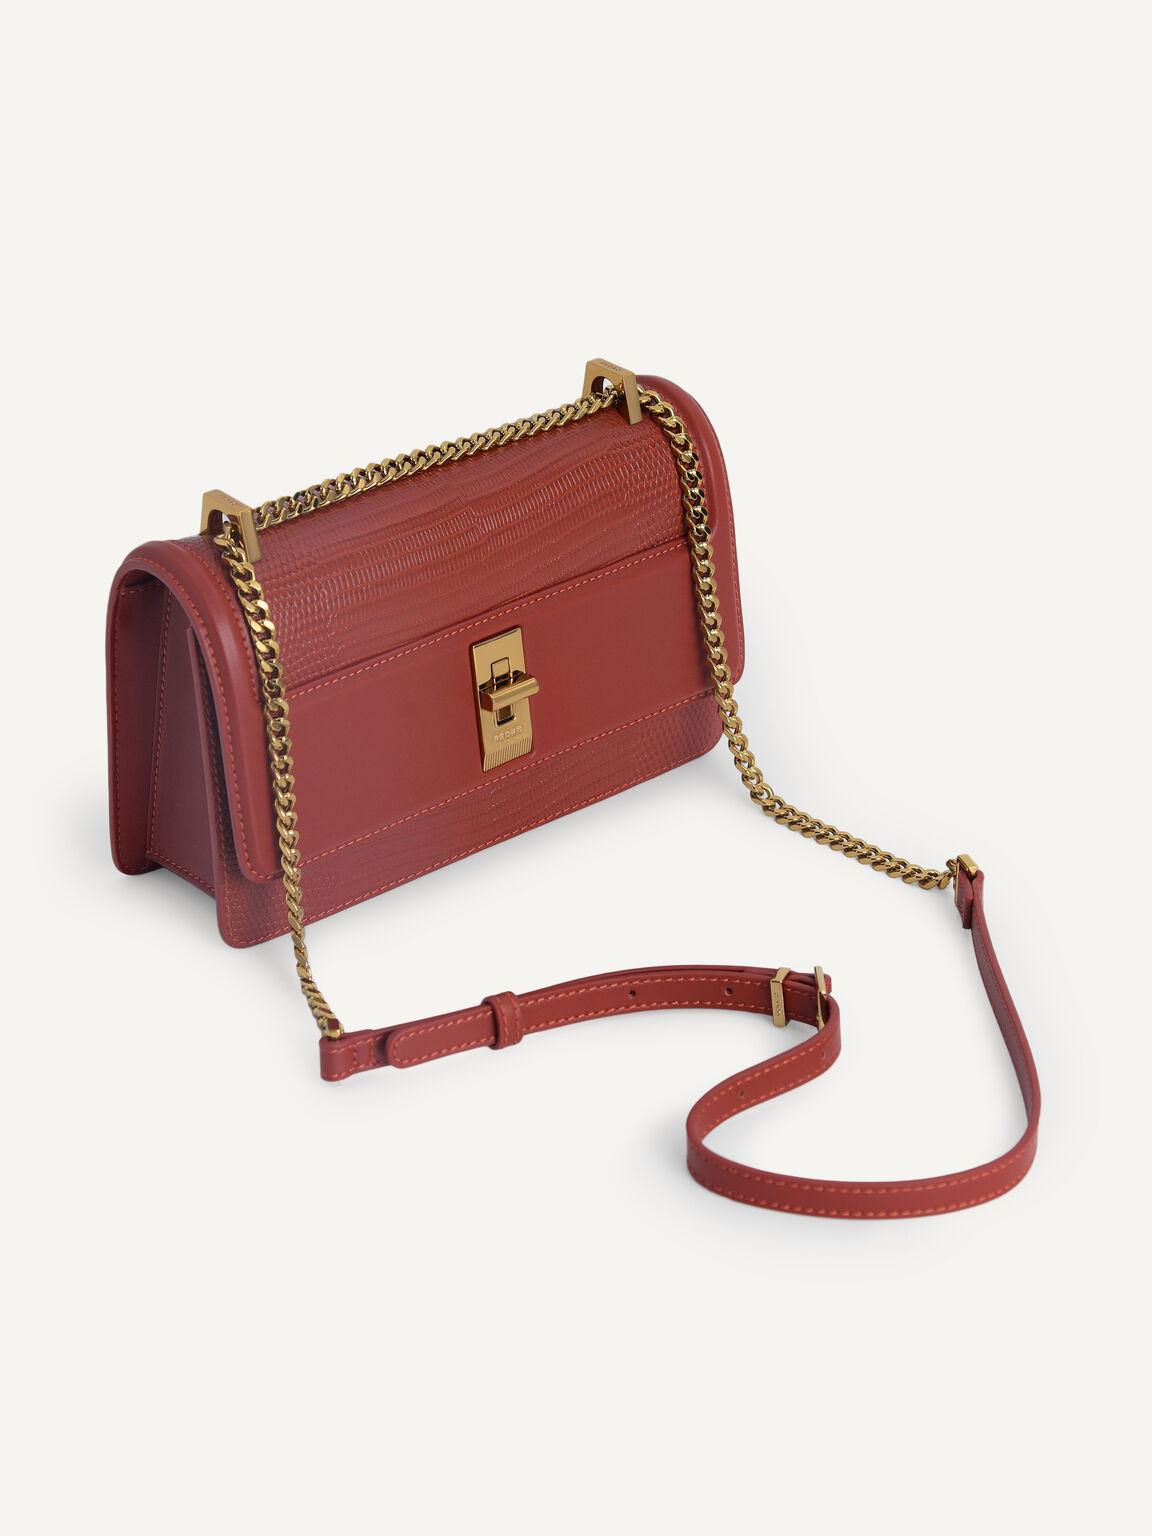 Lizard-Effect Leather Shoulder Bag, Brick, hi-res